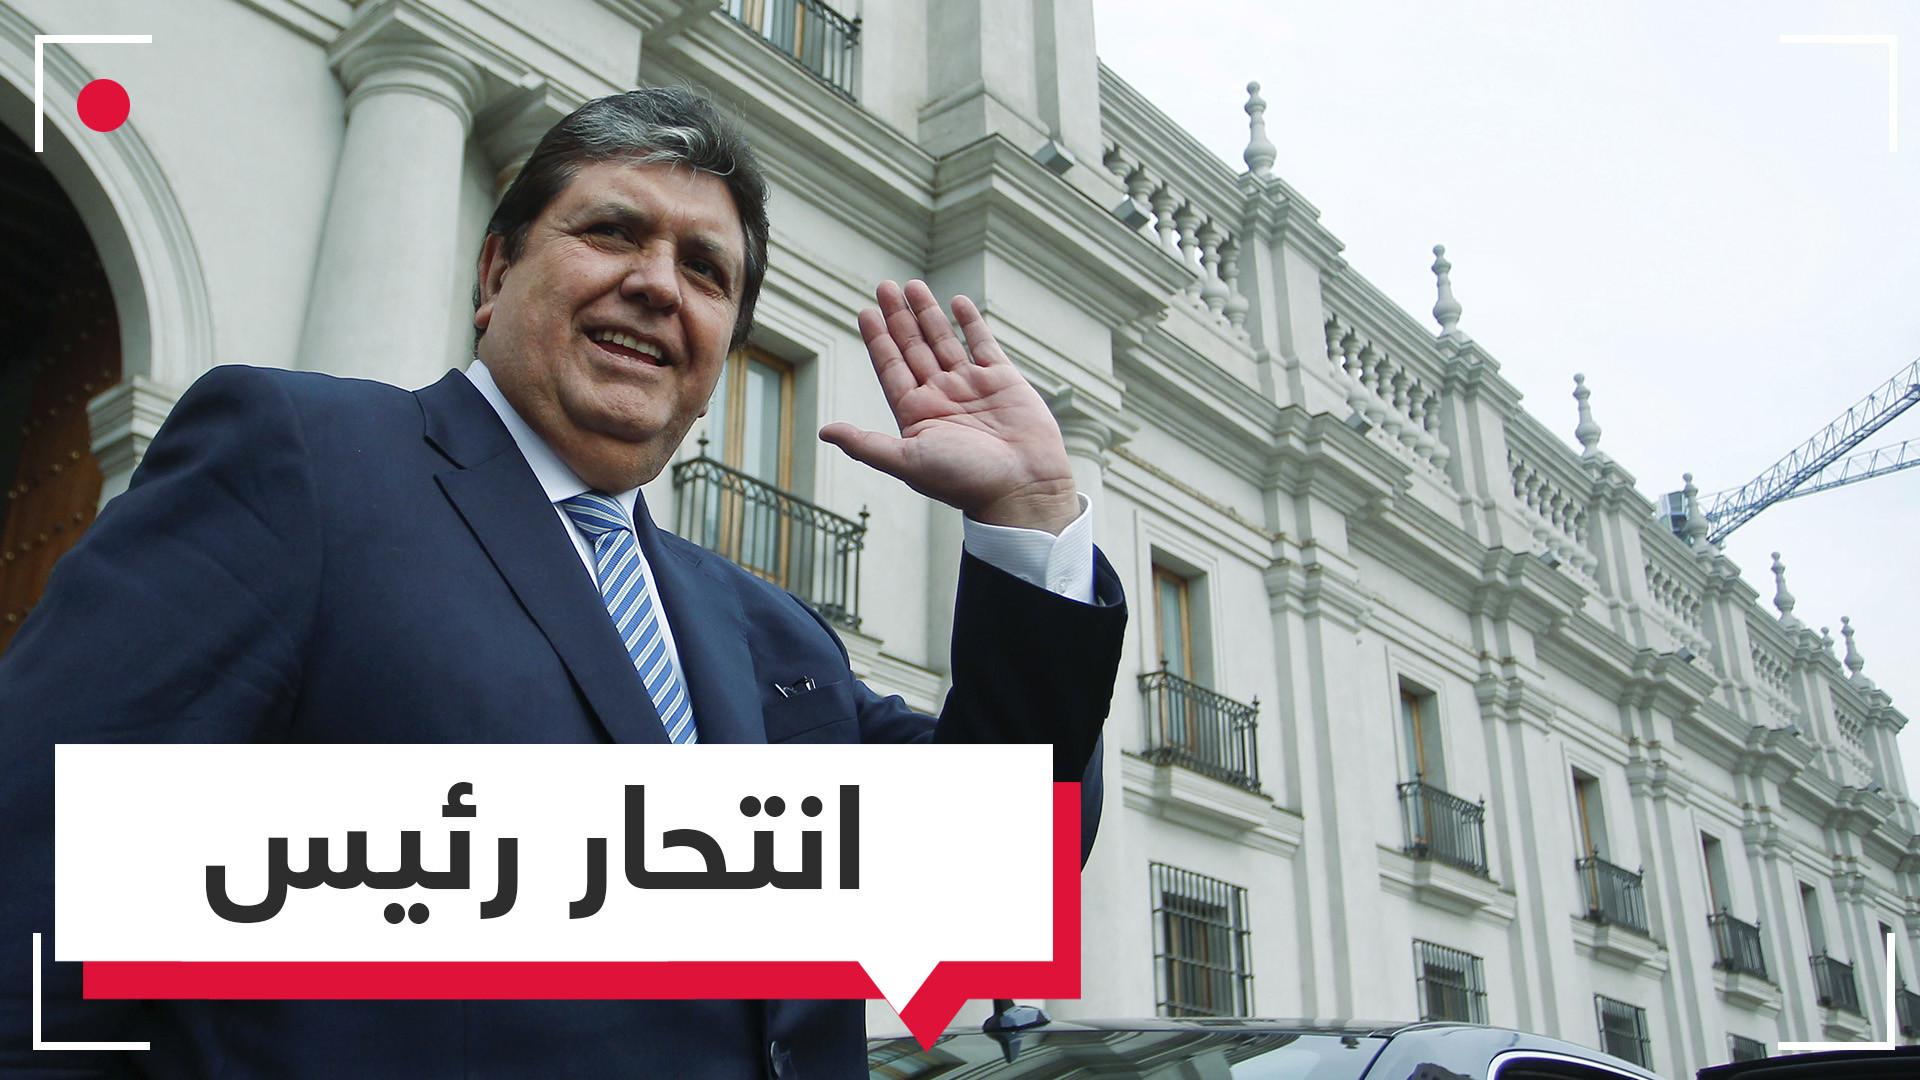 من القصر إلى القبر.. قصة رئيس بيرو السابق آلان غارسيا الذي انتحر لحظة القبض عليه